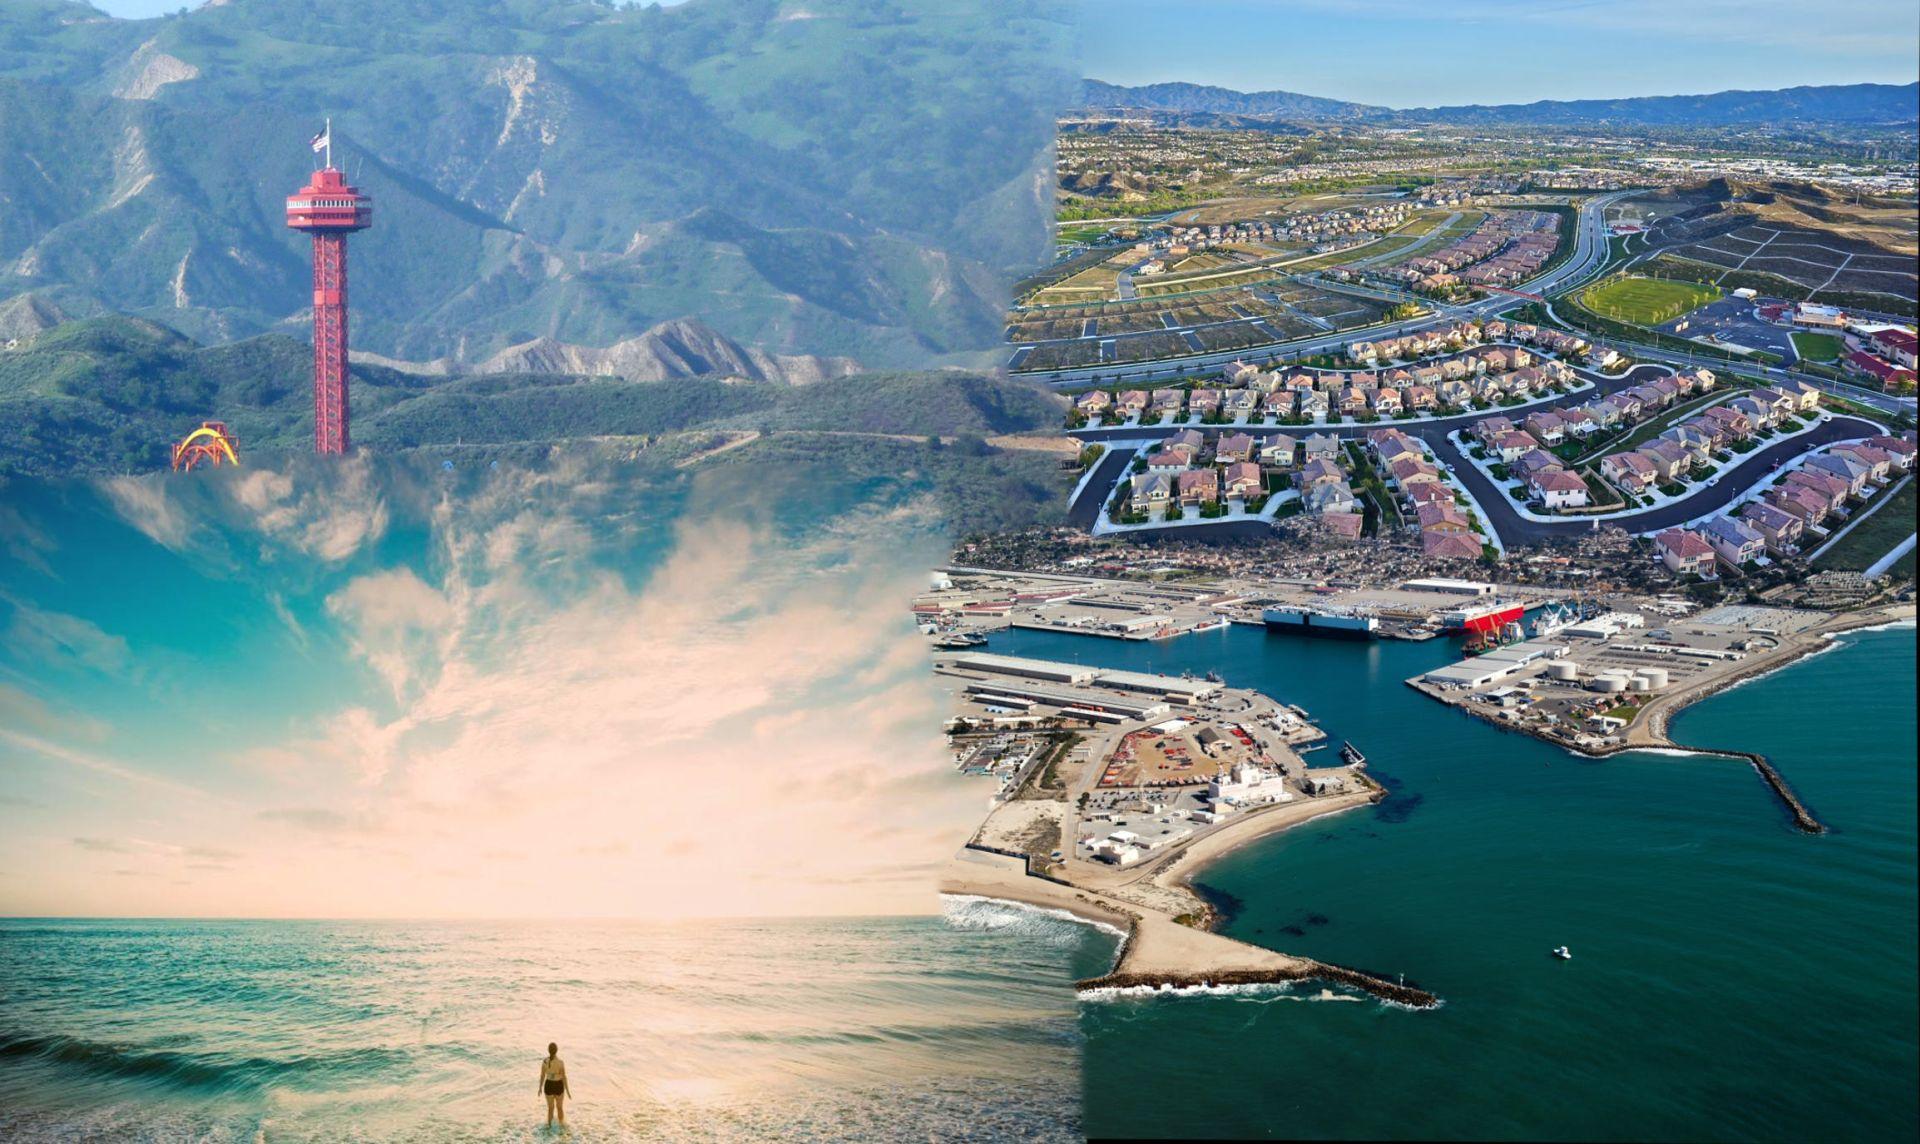 Ventura and Santa Clarita: A Quick Status Update